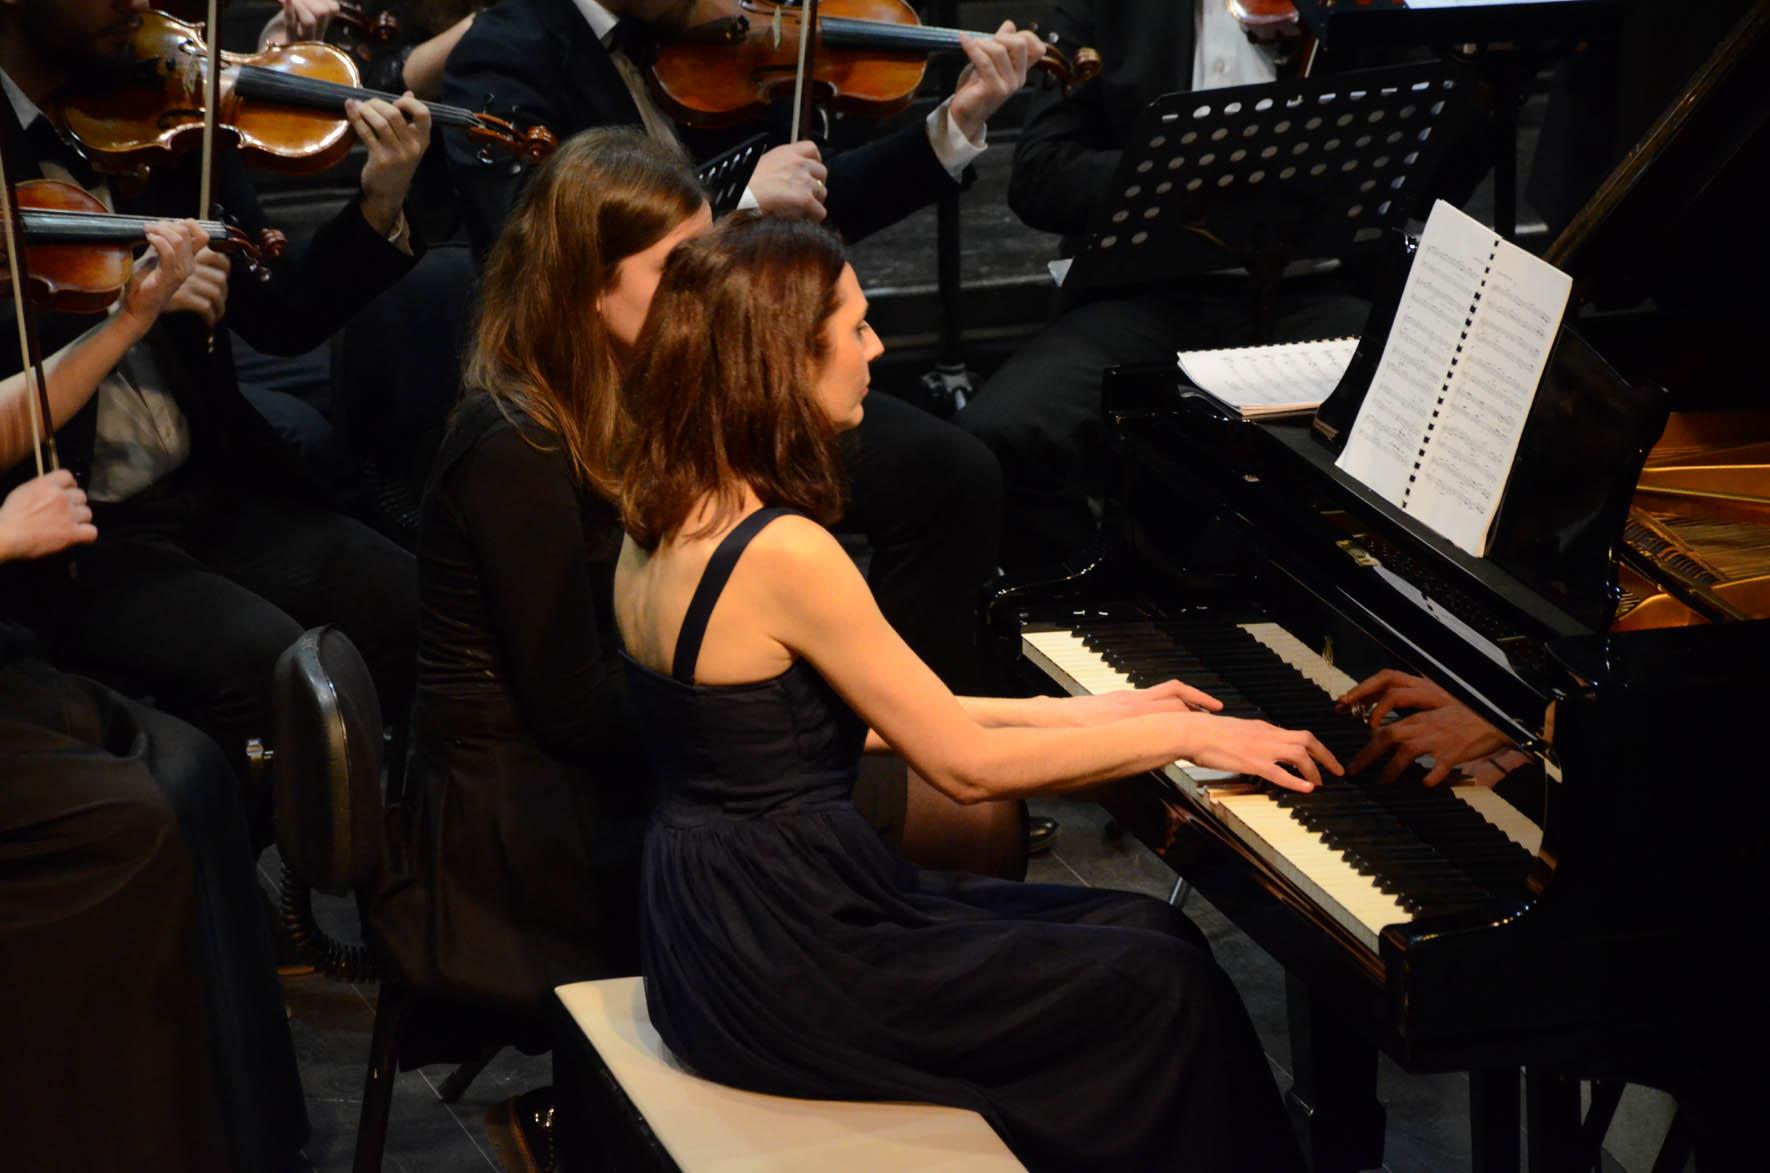 συναυλια κωνσταντινιδης κτιστακης (2)